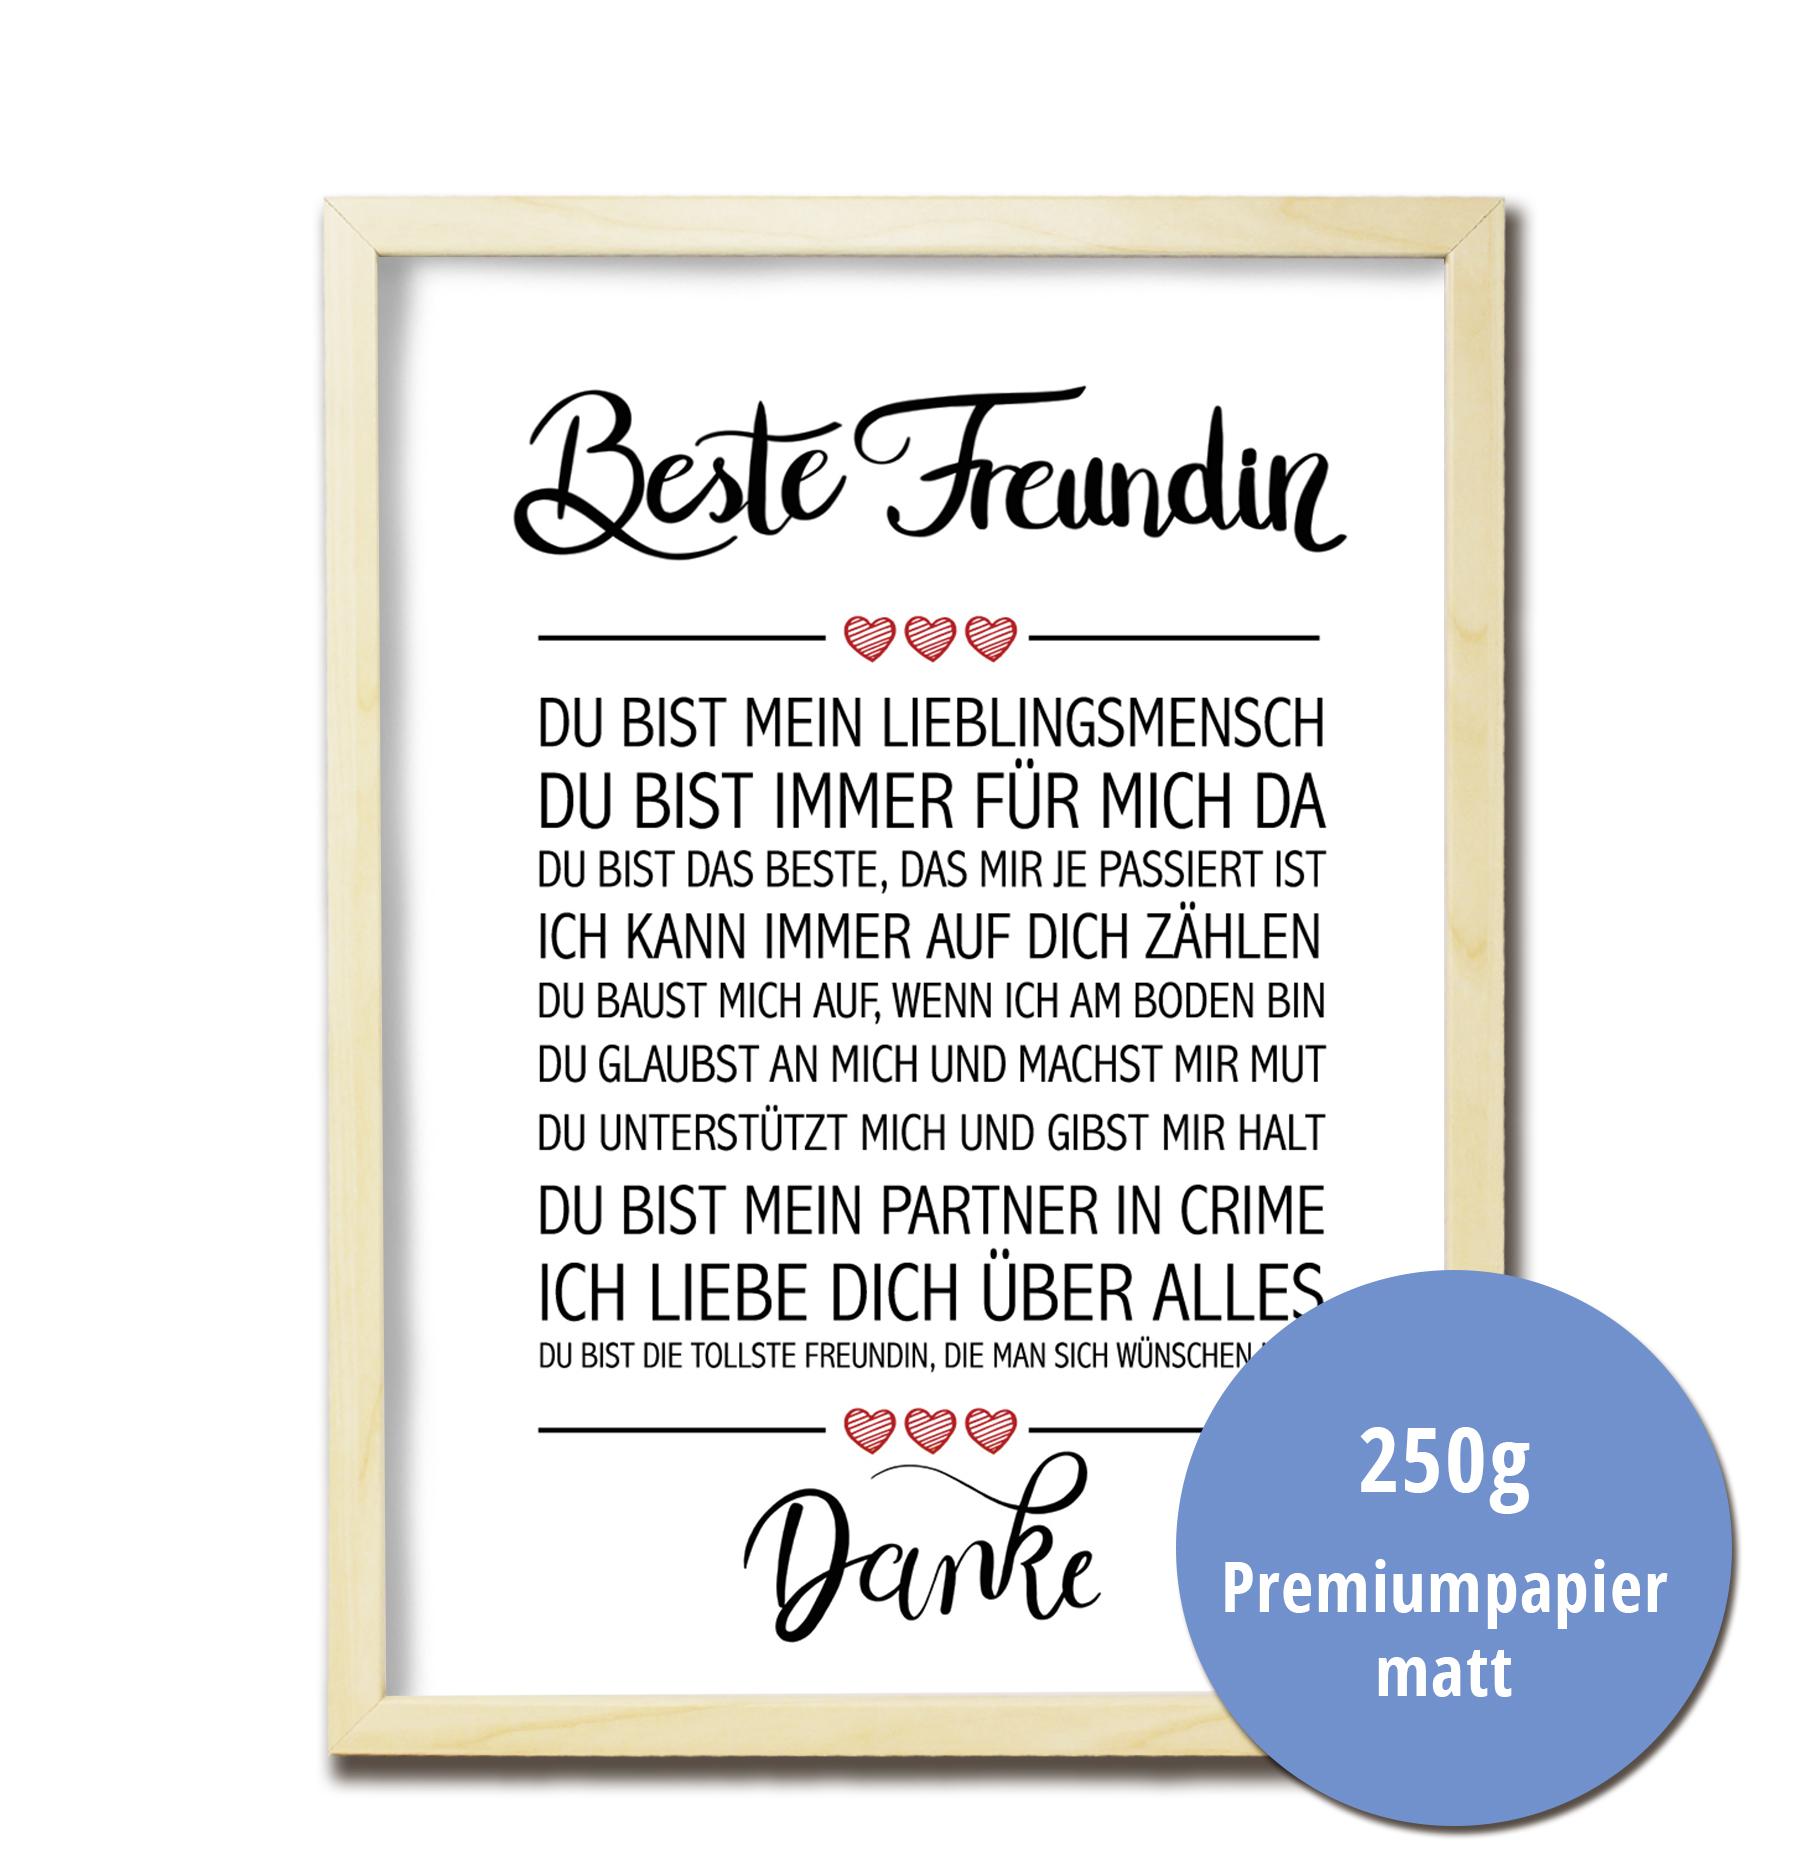 Beste Freundin Kunstdruck Kunstdrucke Jetzt Im Shop Bestellen